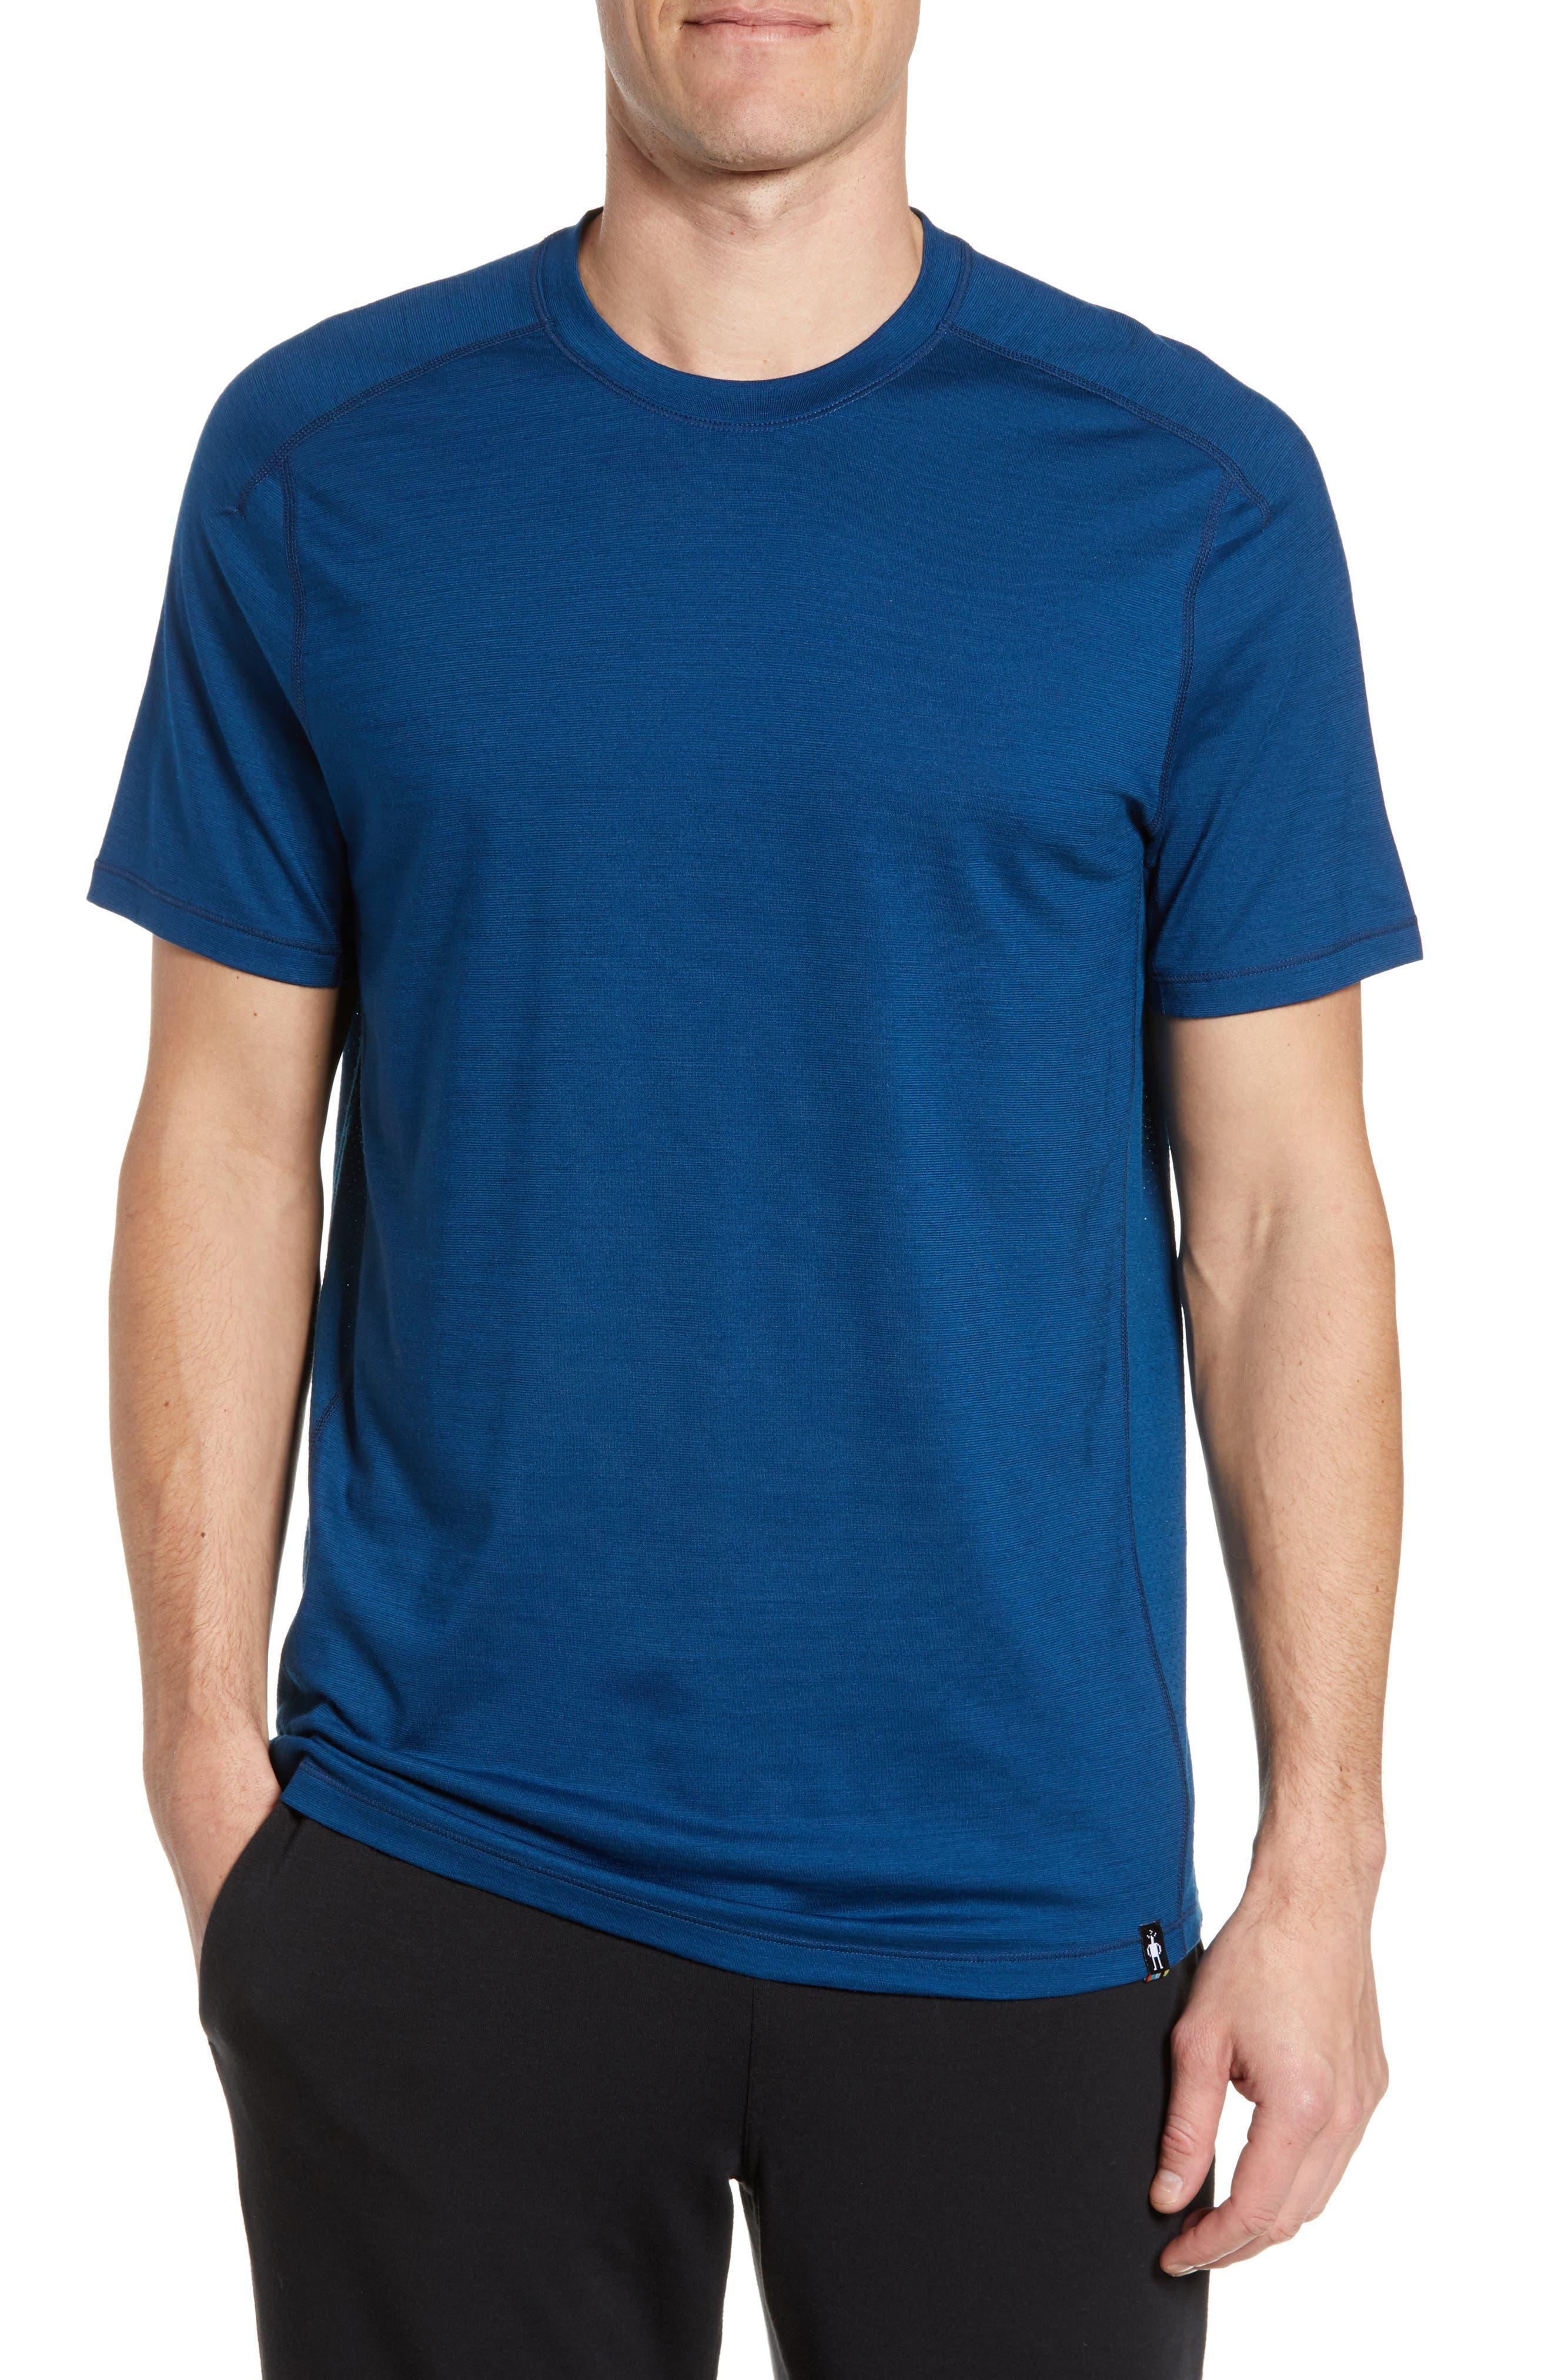 Smartwool Merino Blend Tech T-Shirt, Blue